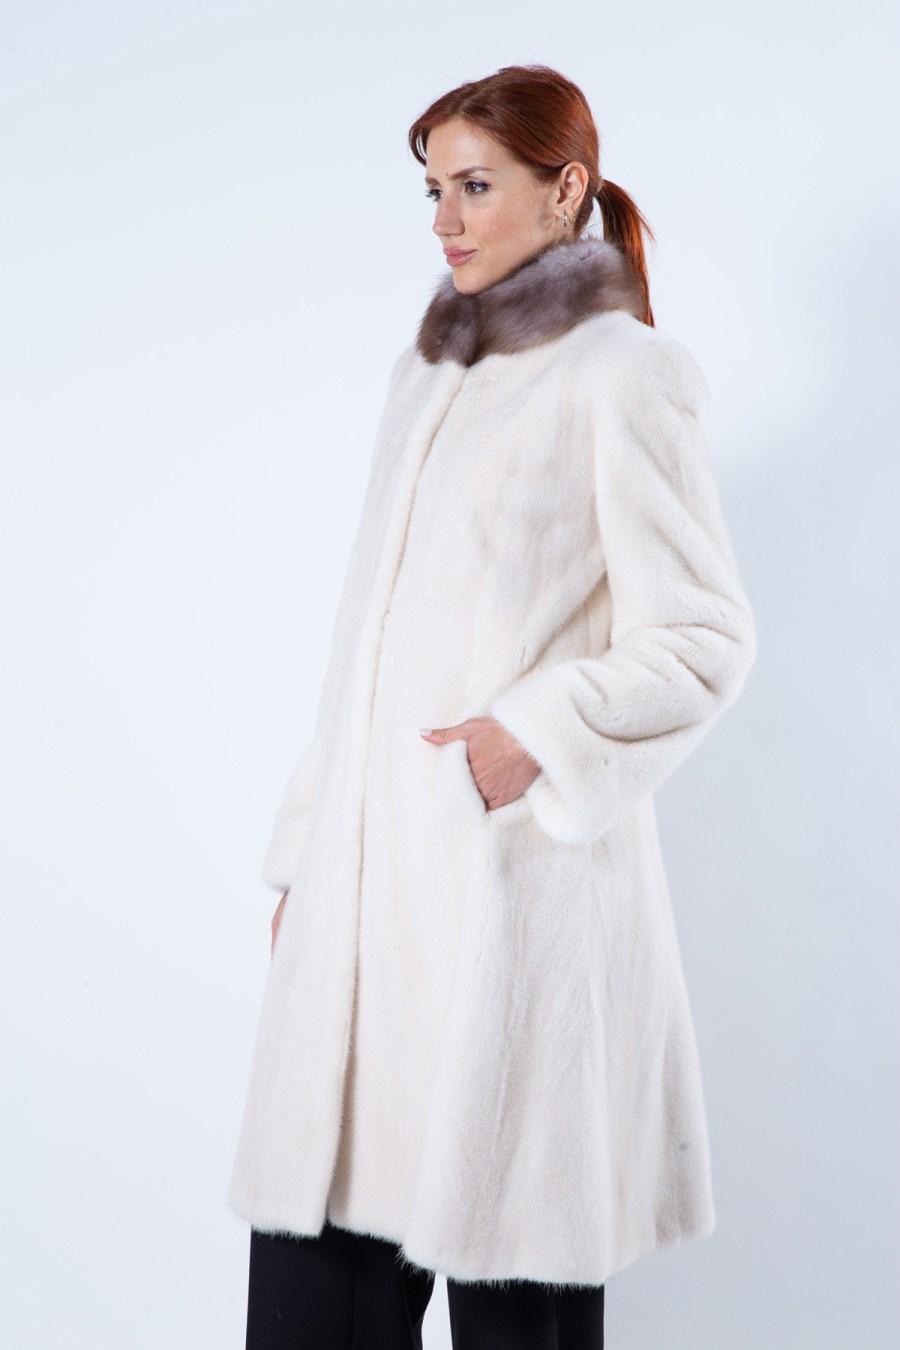 Pearl Beige Mink Fur Coat with Marten collar - Sarigianni Furs